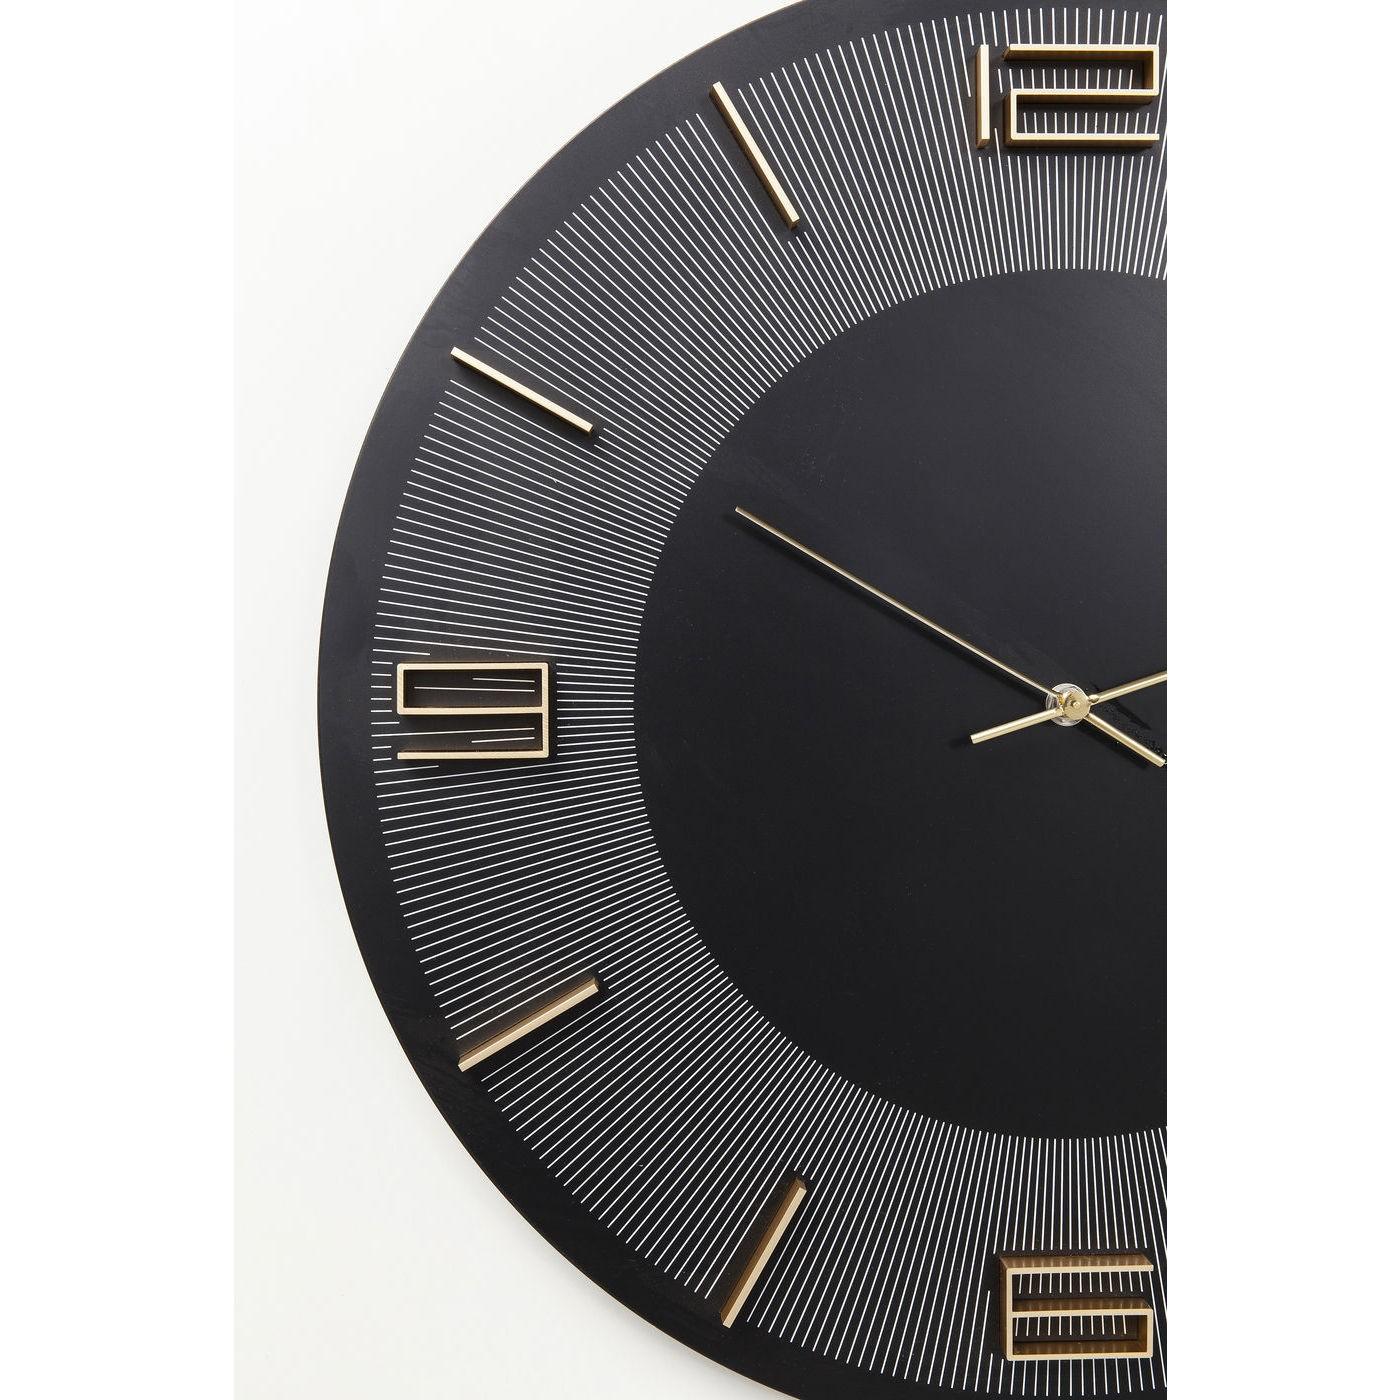 Horloge murale Leonardo noire et dorée Kare Design